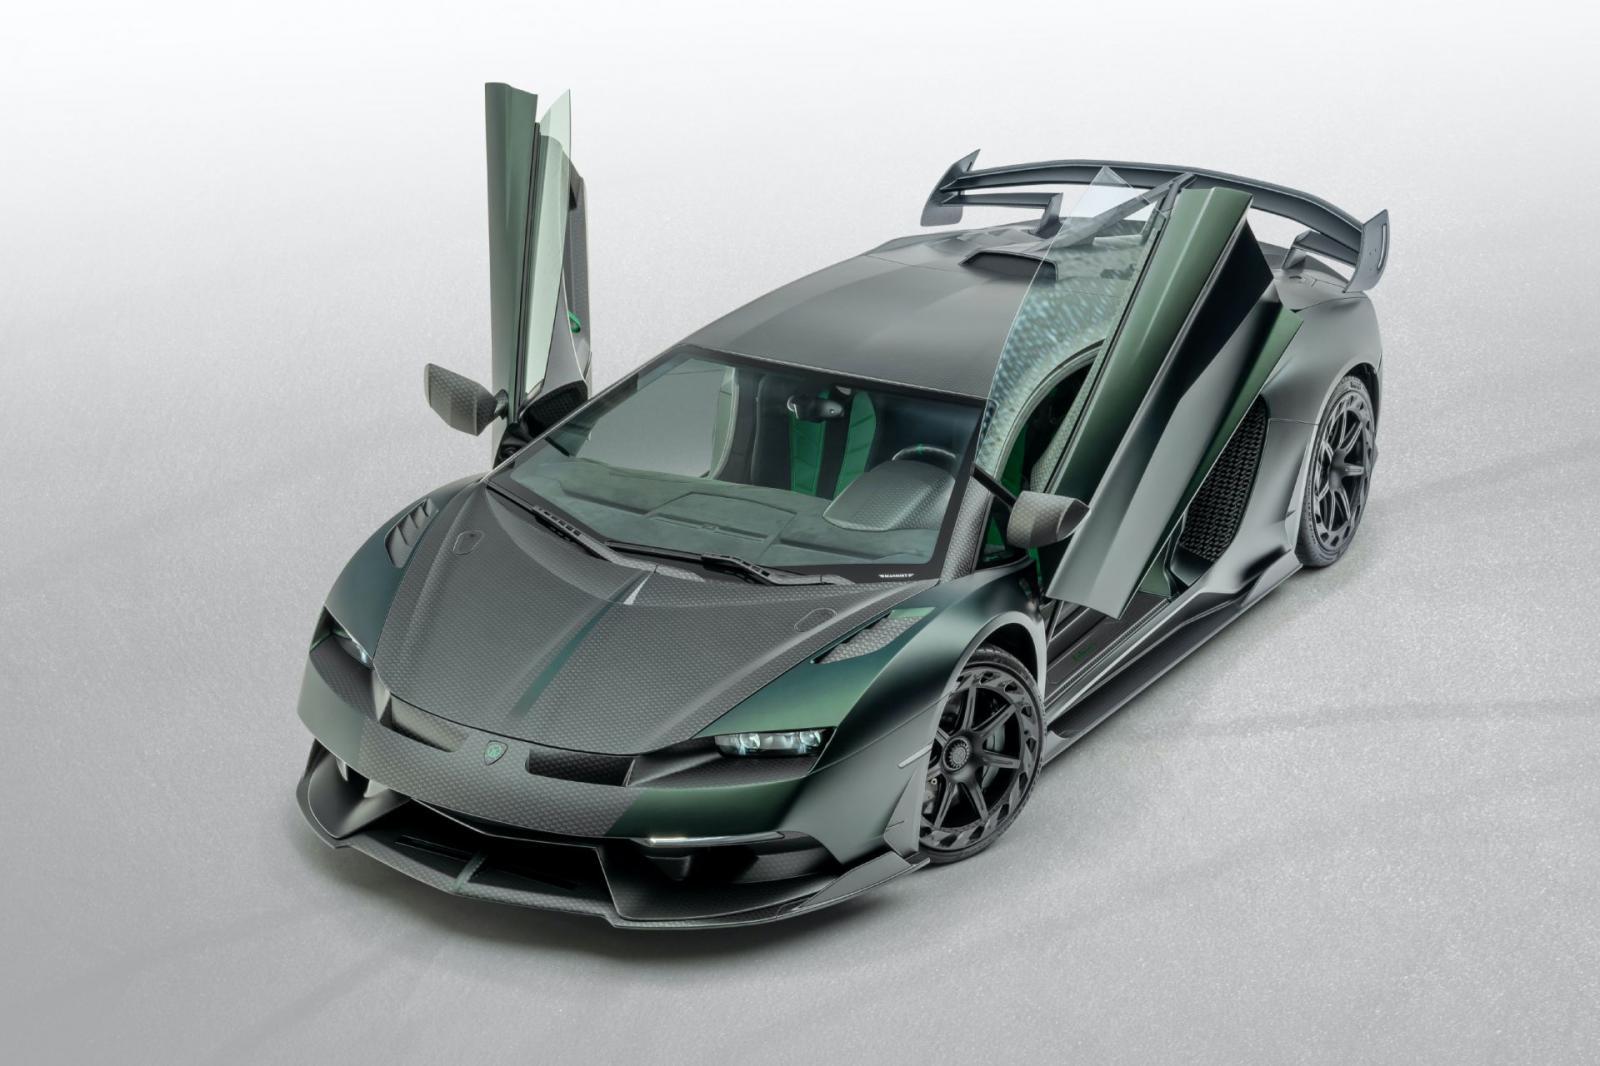 Cabrera El Lamborghini Aventador Svj De Mansory